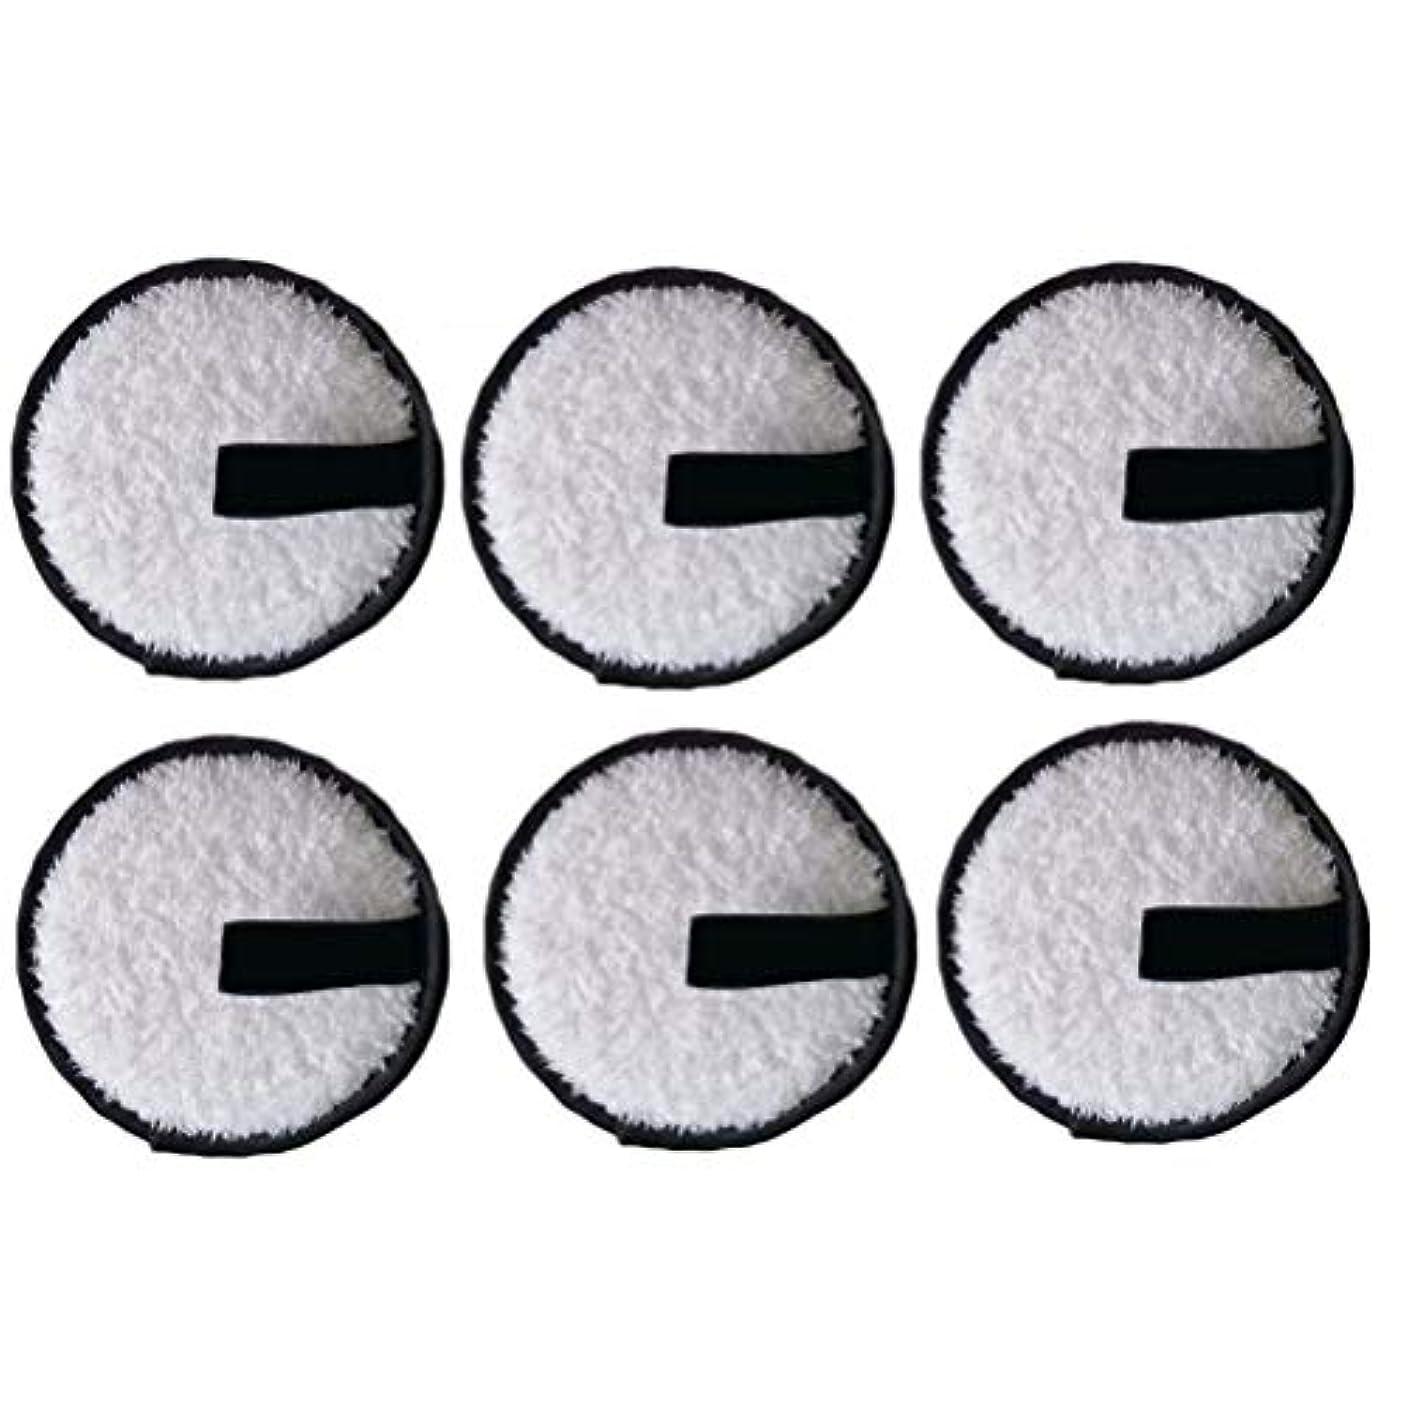 ビヨンテンションゴージャスFrcolor メイクアップパフ クレンジングパフ メイク落とし圧縮パッド 6本(黒)